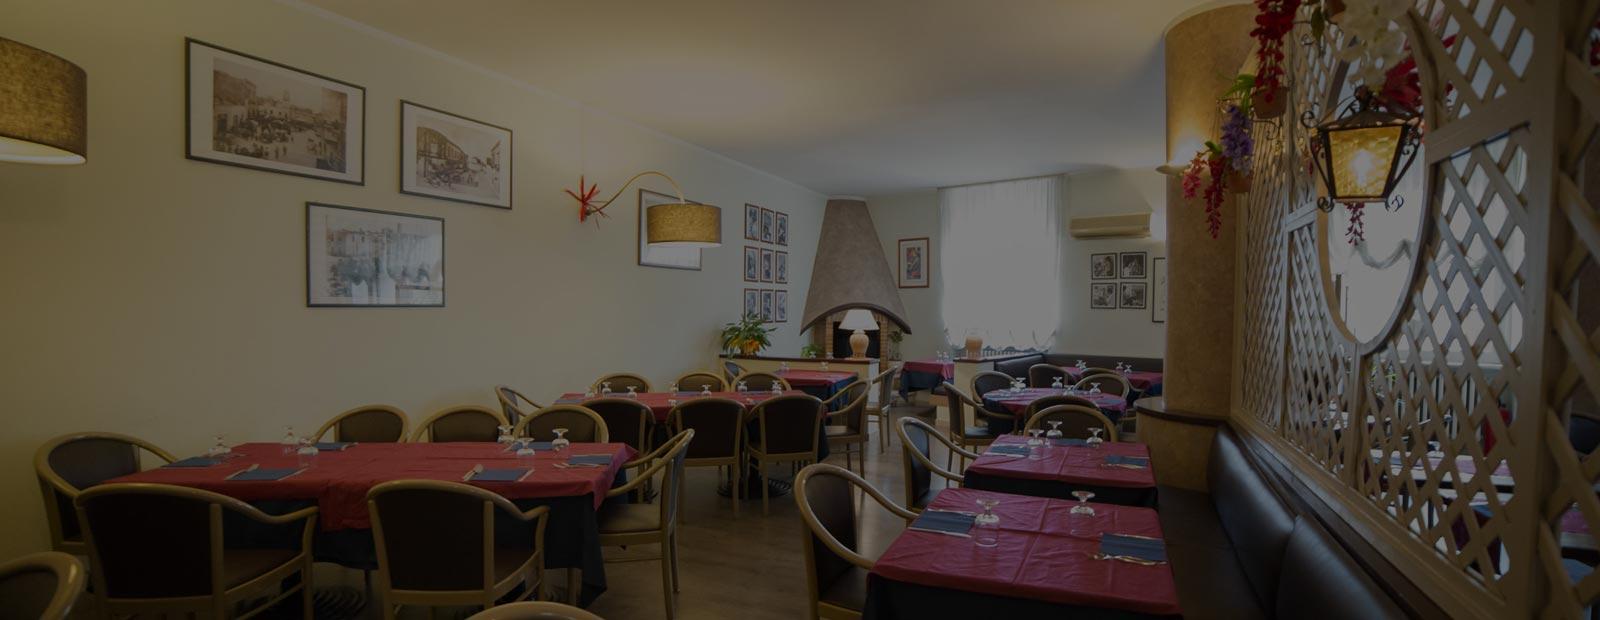 La lanterna ristorante pizzeria albergo a martano - Ristorante marta in cucina ...